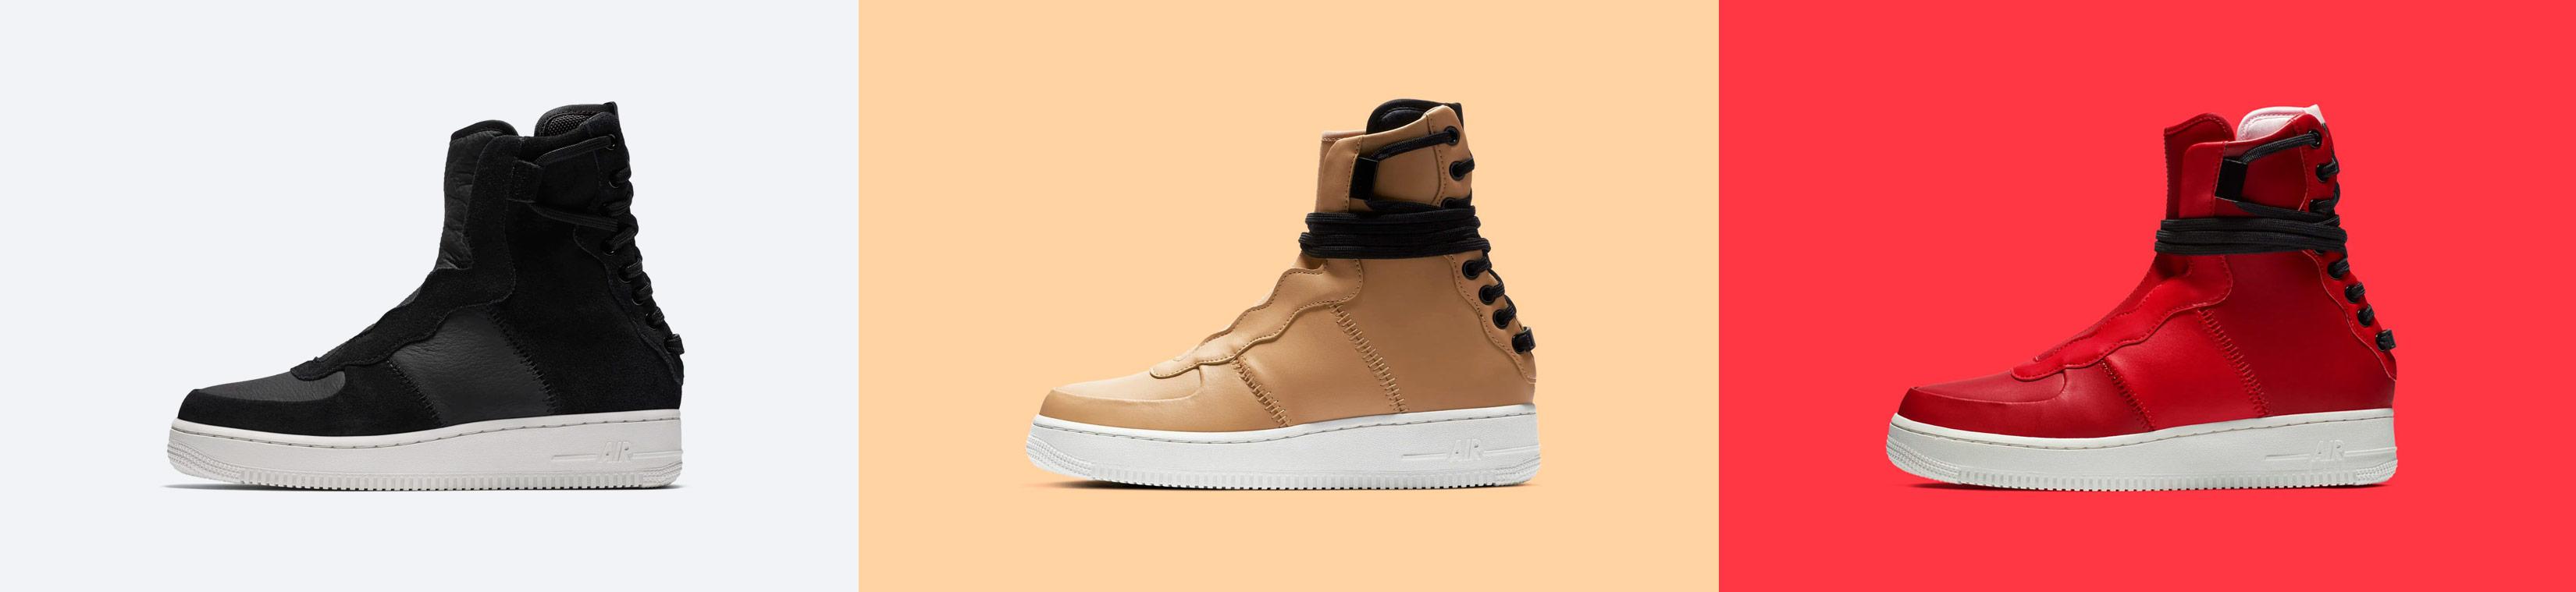 Nike Air Force 1 Rebel XX — dámské vysoké boty — kotníkové — zimní — černé, béžové, červené